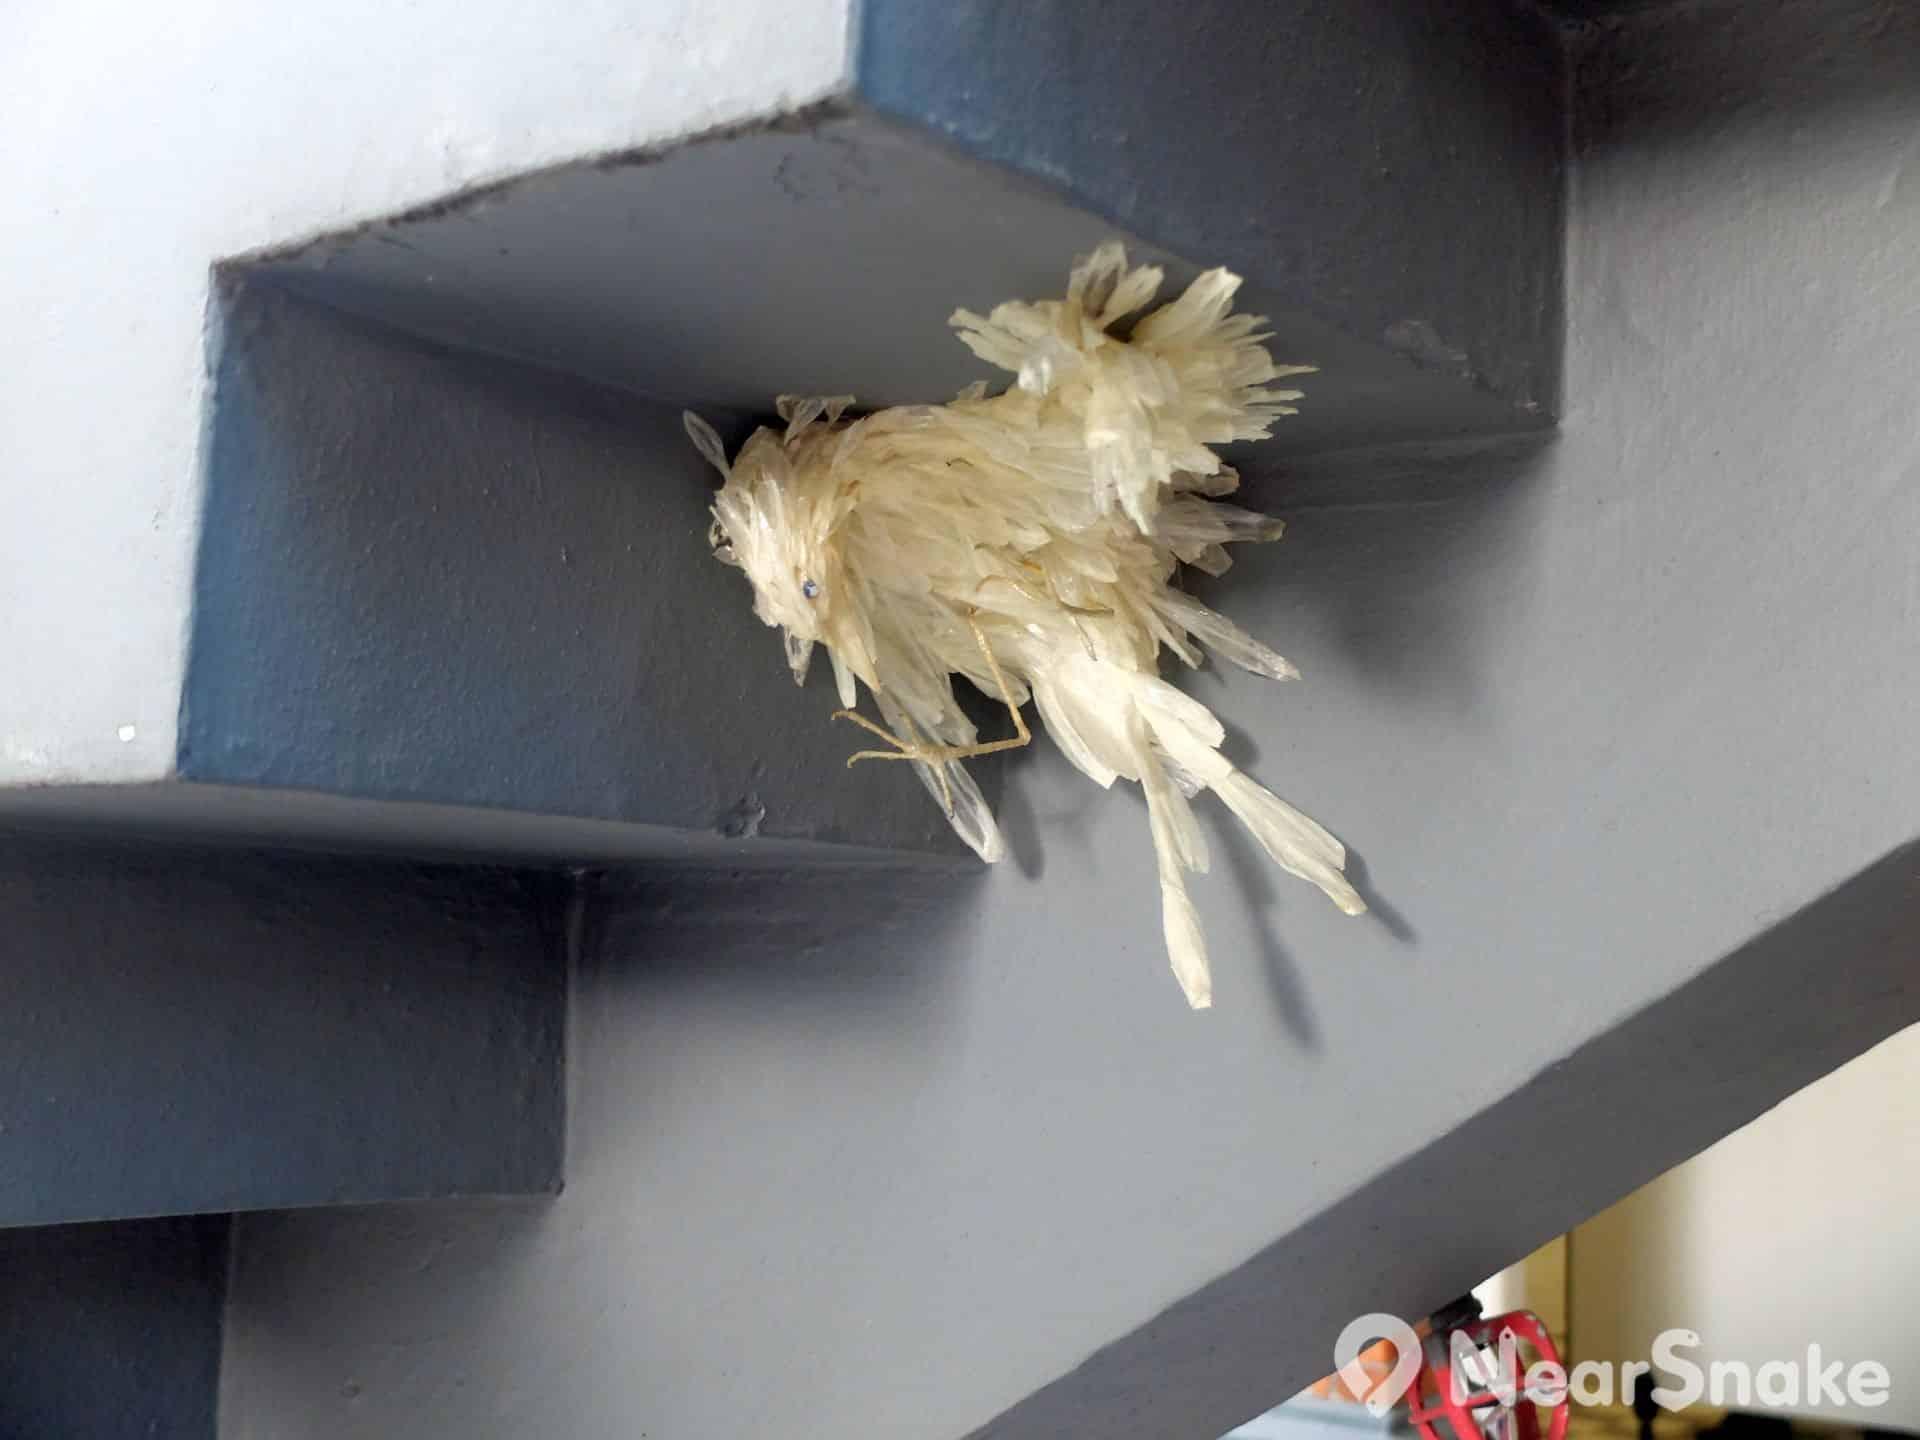 油街實現建築物的樓梯底,竟然藏有一隻白色烏鴉!若果大家拿塊濾鏡觀看,便會變回黑色。它的名字是「快樂王子的朋友 - 烏鴉」。